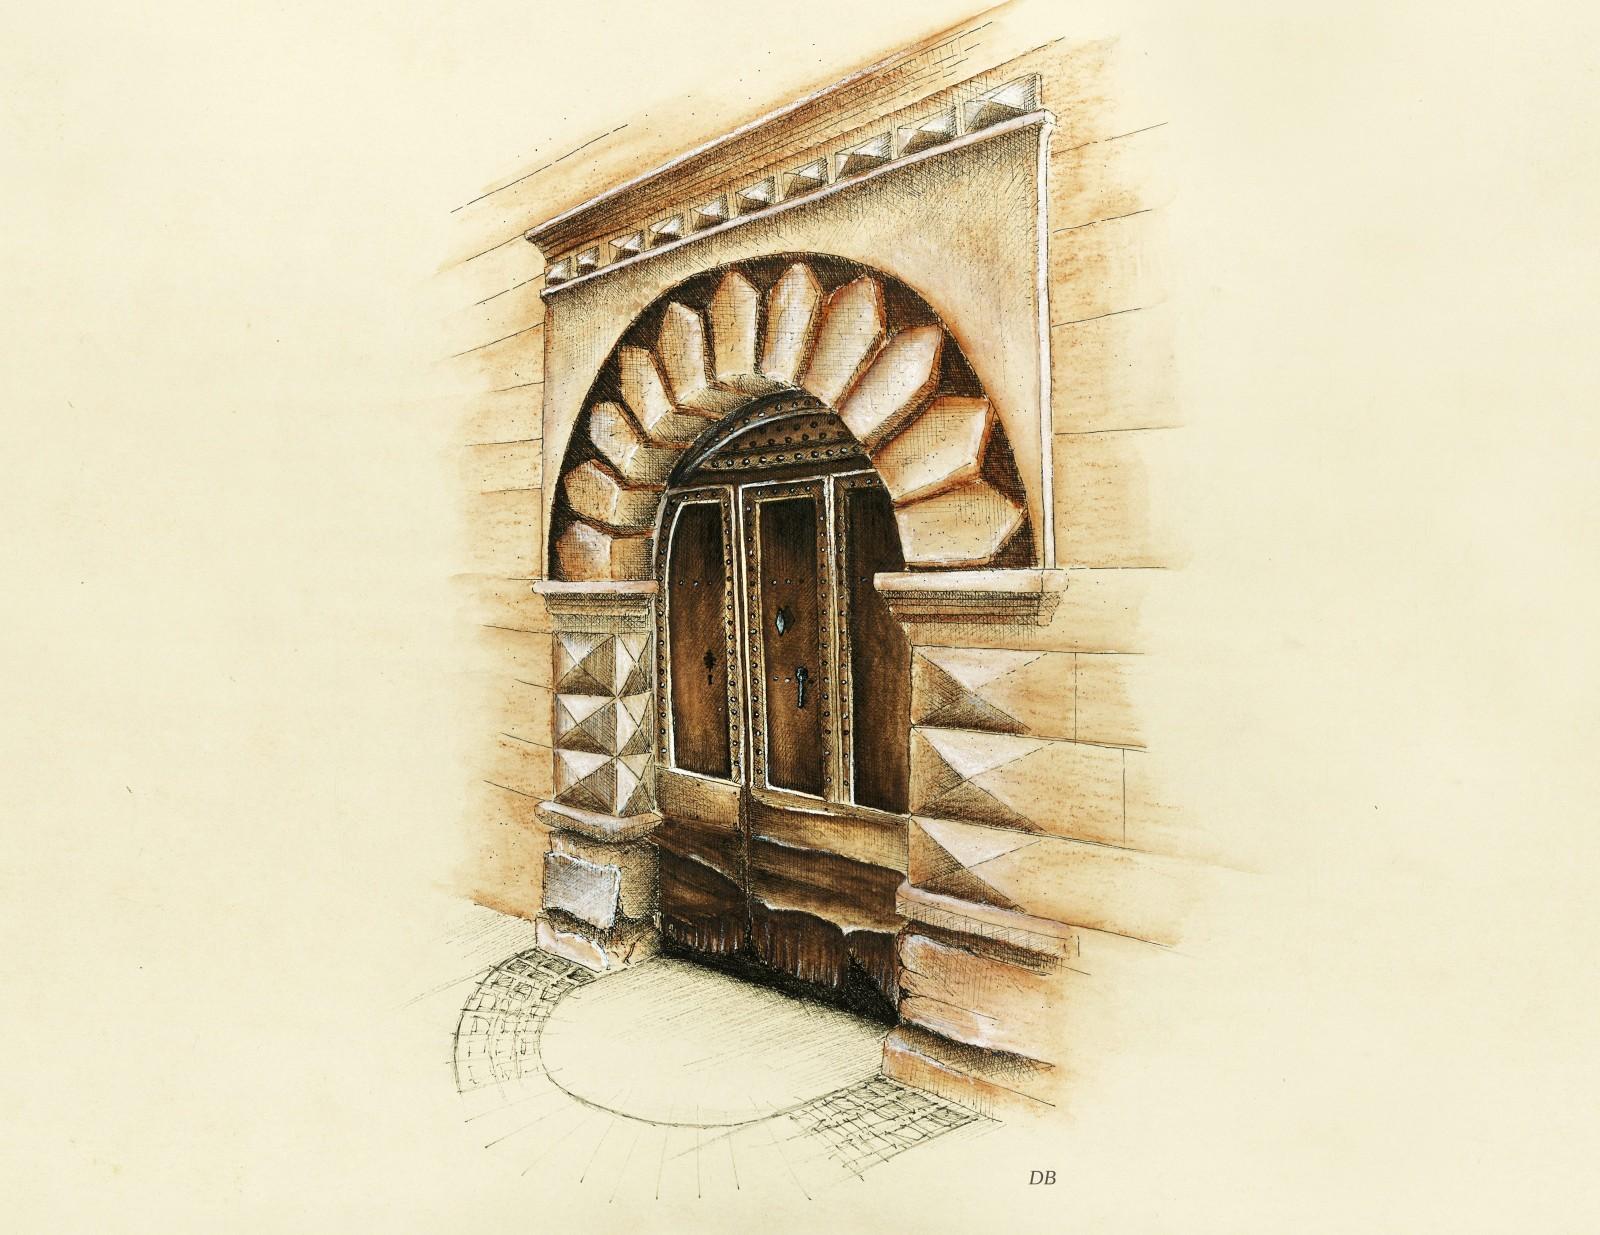 Pézenas, impasse Fromagerie-Vieille : entrée d'un immeuble du XVIIIe siècle avec sa porte cloutée, ses bossages en pointes-de-diamant et ses joints tirés à la pointe. © Dessin de l'auteur.